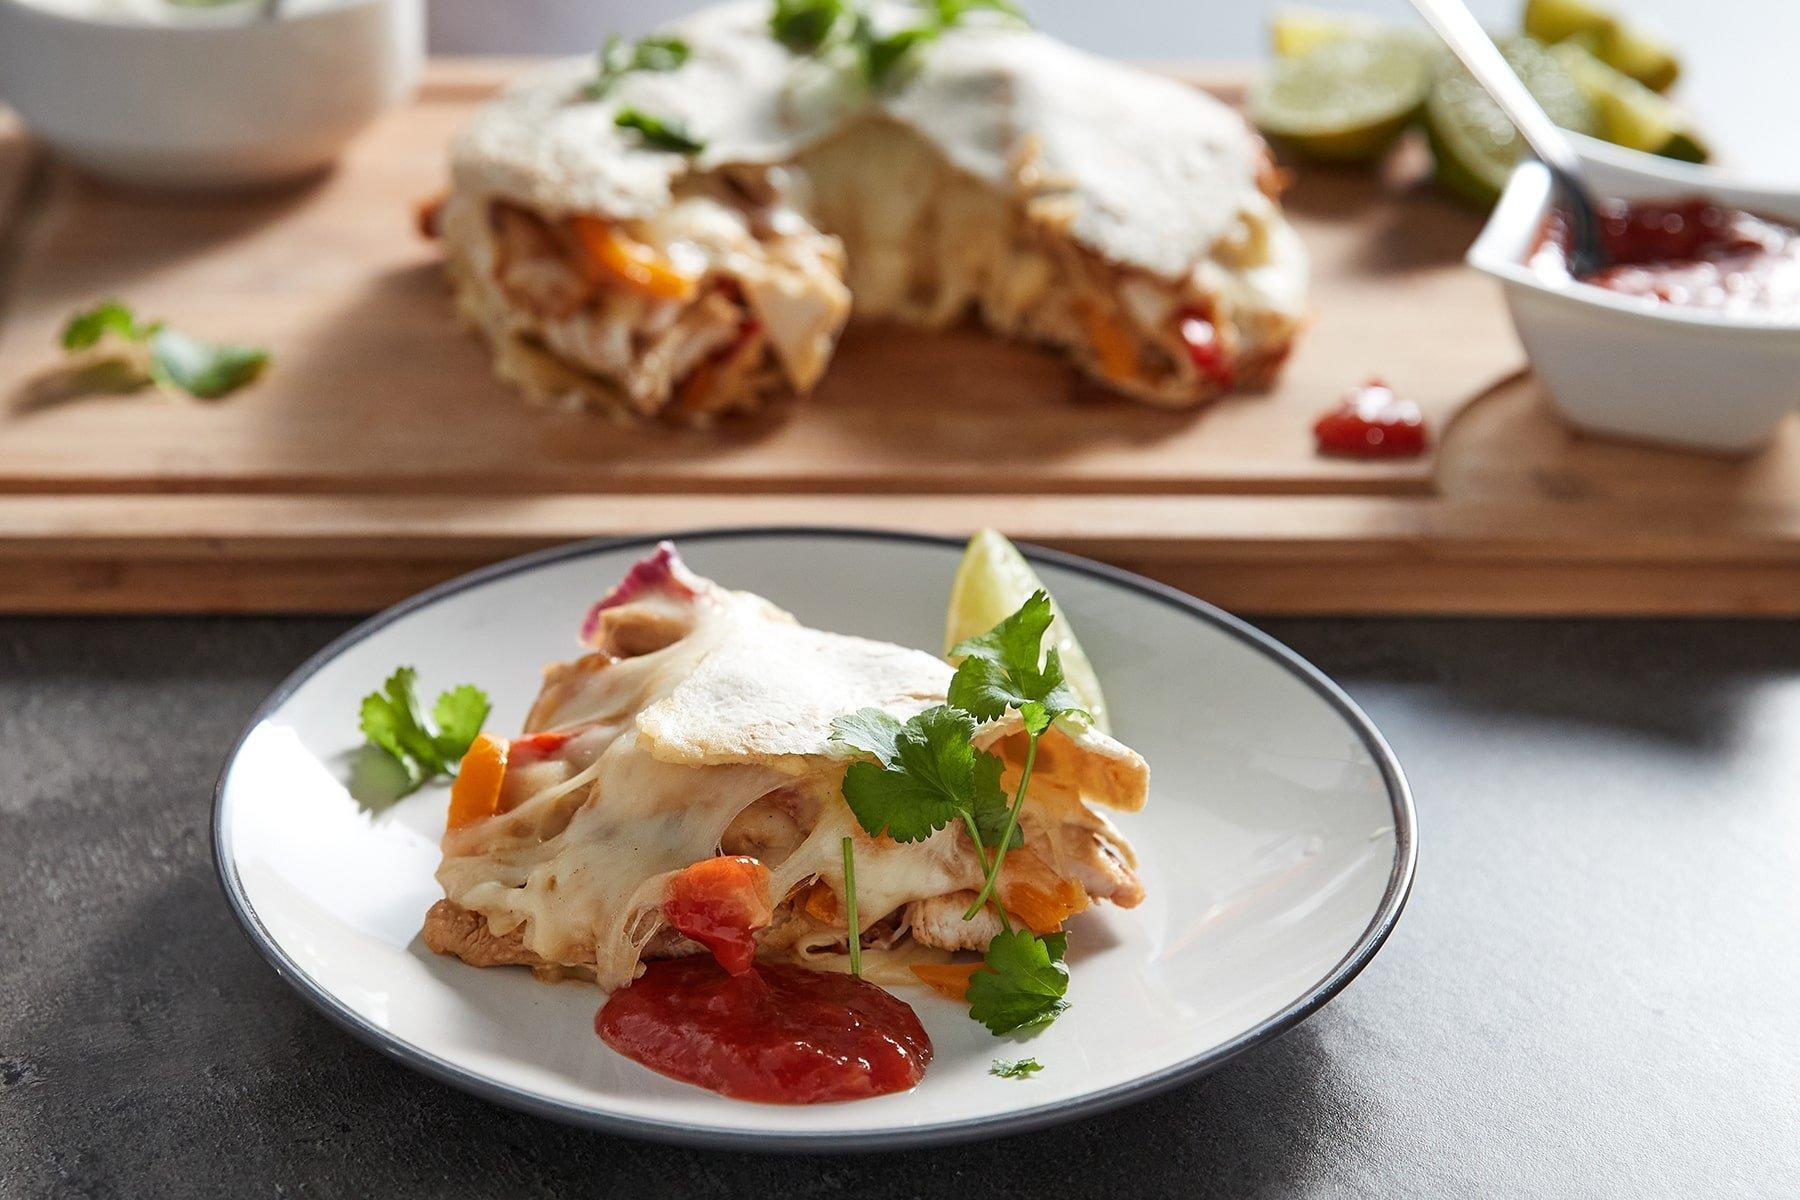 Пирог фахитас I Вкуснейшее мексиканское блюдо